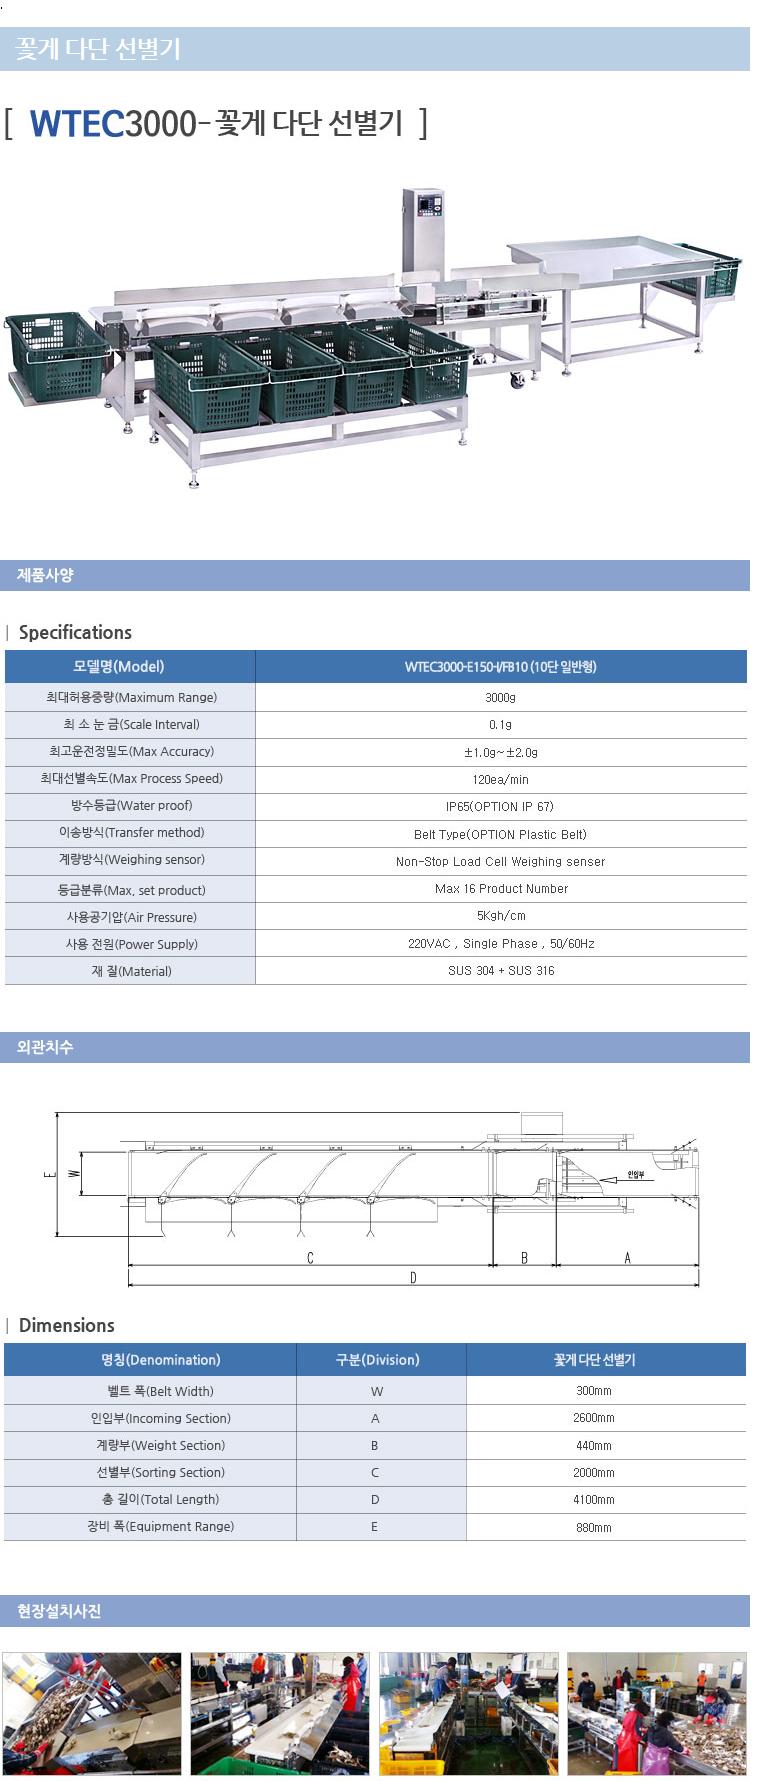 (주)웨이텍글로벌 꽃게 다단선별기 WTEC3000-E150-I/FB10